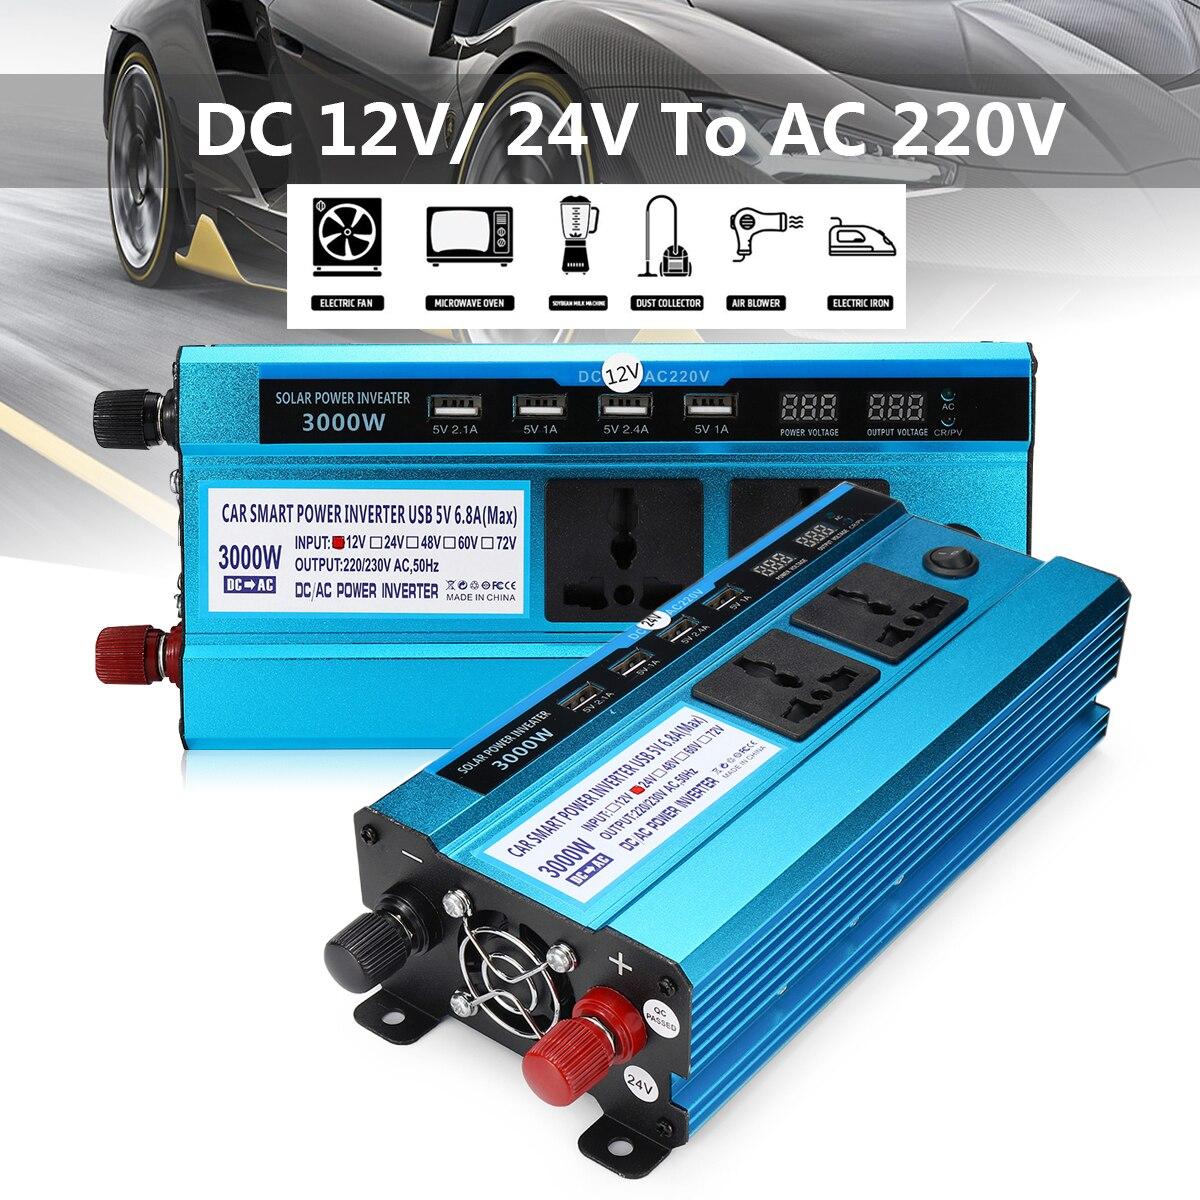 LED Peak 3000W Voltage Transformer Solar Power Inverter Car DC 12/ 24V to AC 220V Sine Wave USB Converter Digital Display 1600w автомобильный инвертор 4 usb 12v 24v до 220v dual digital display of protection voltage modefied sine wave car inverter co